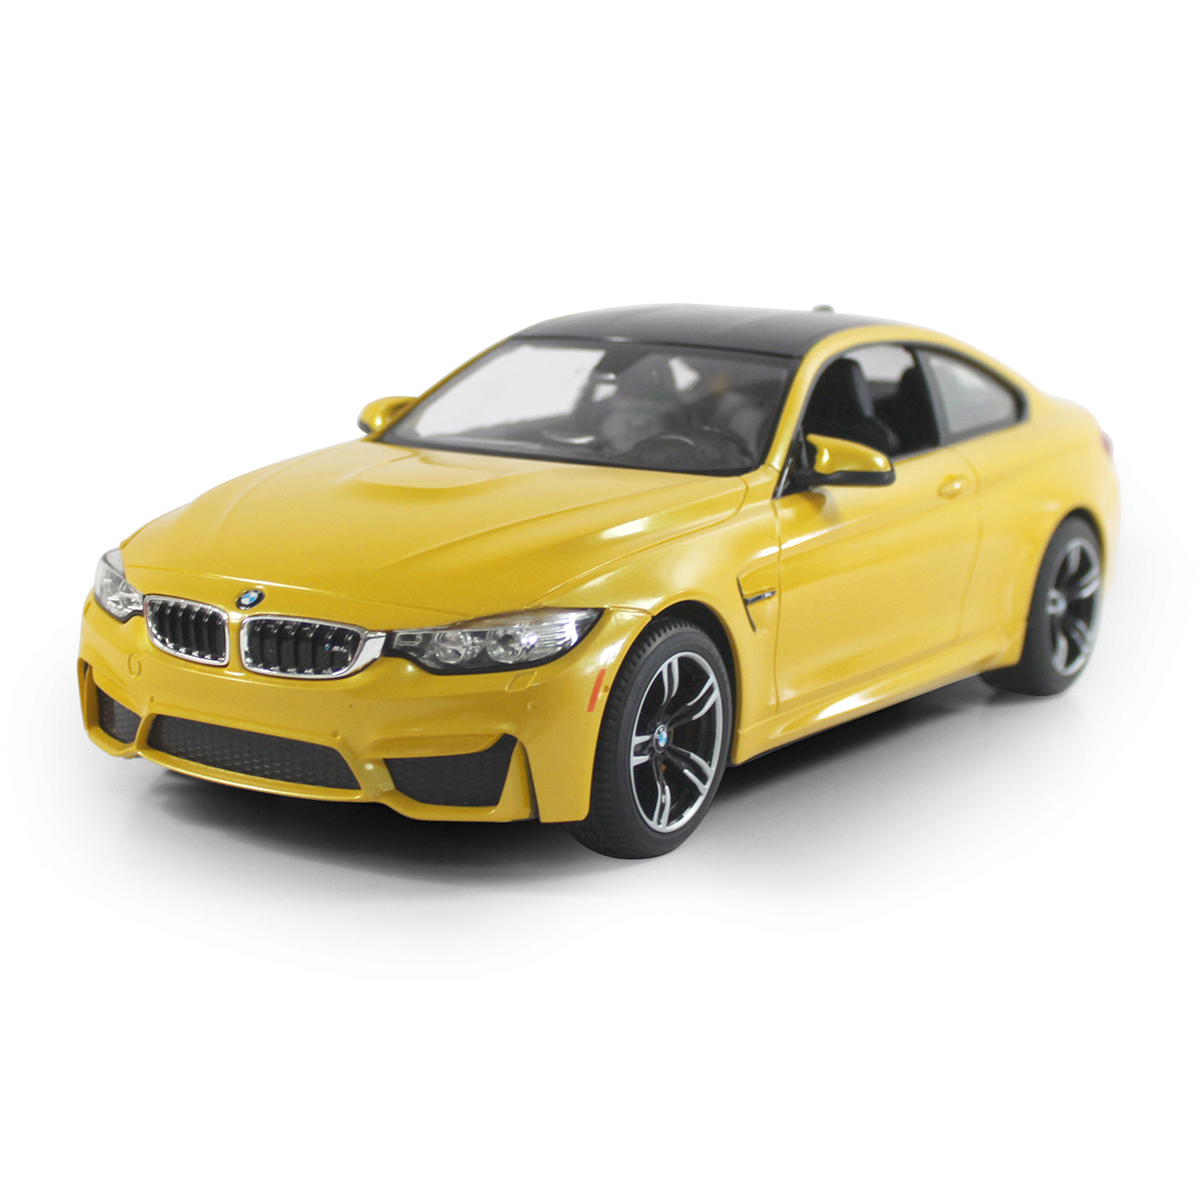 Masinuta cu telecomanda Rastar BMW M4 Coupe, Galben, 1:14